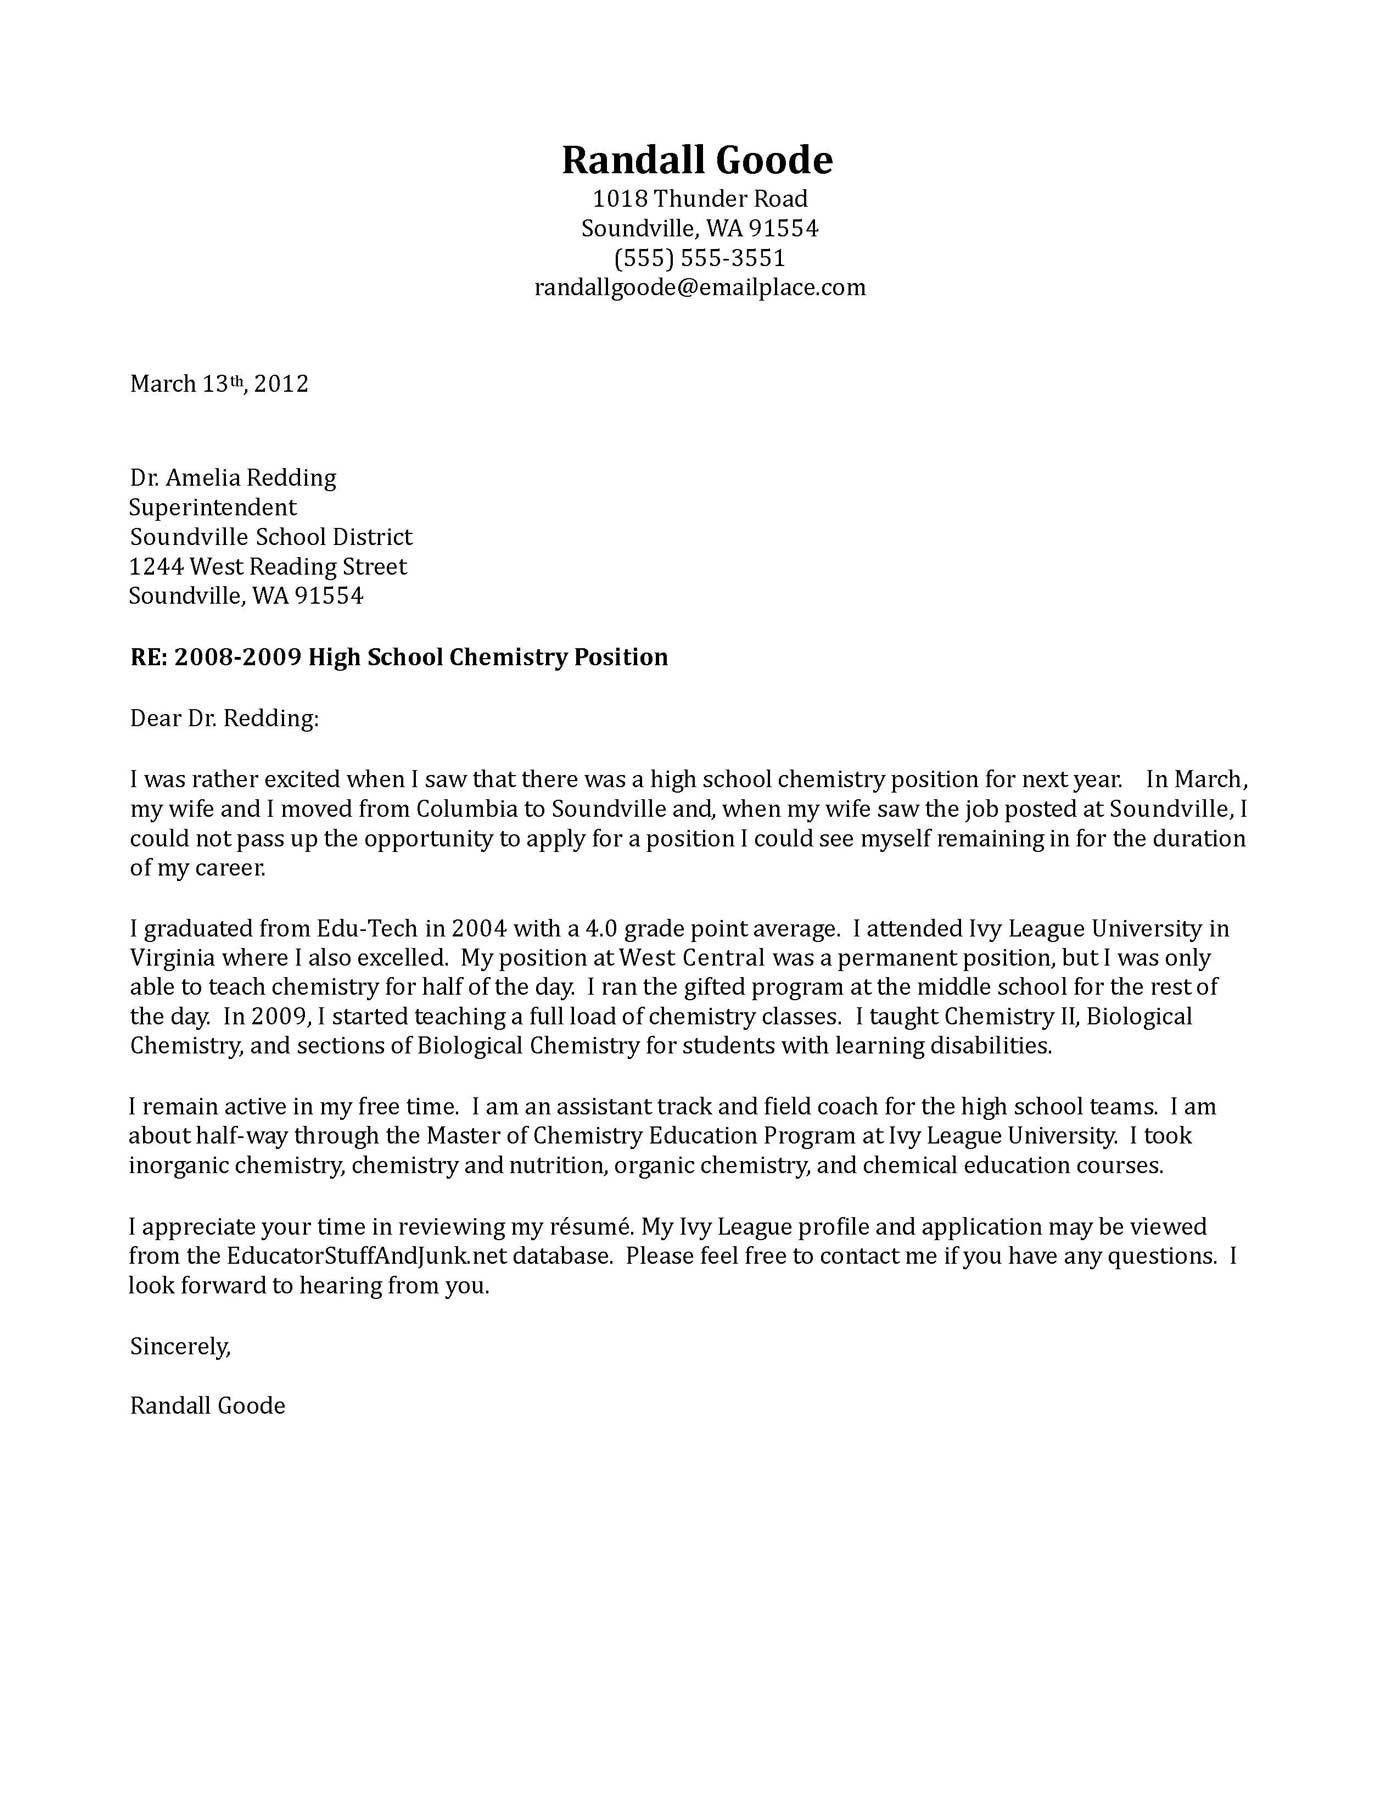 Cover Letter Template Job Application Teacher Cover Letter